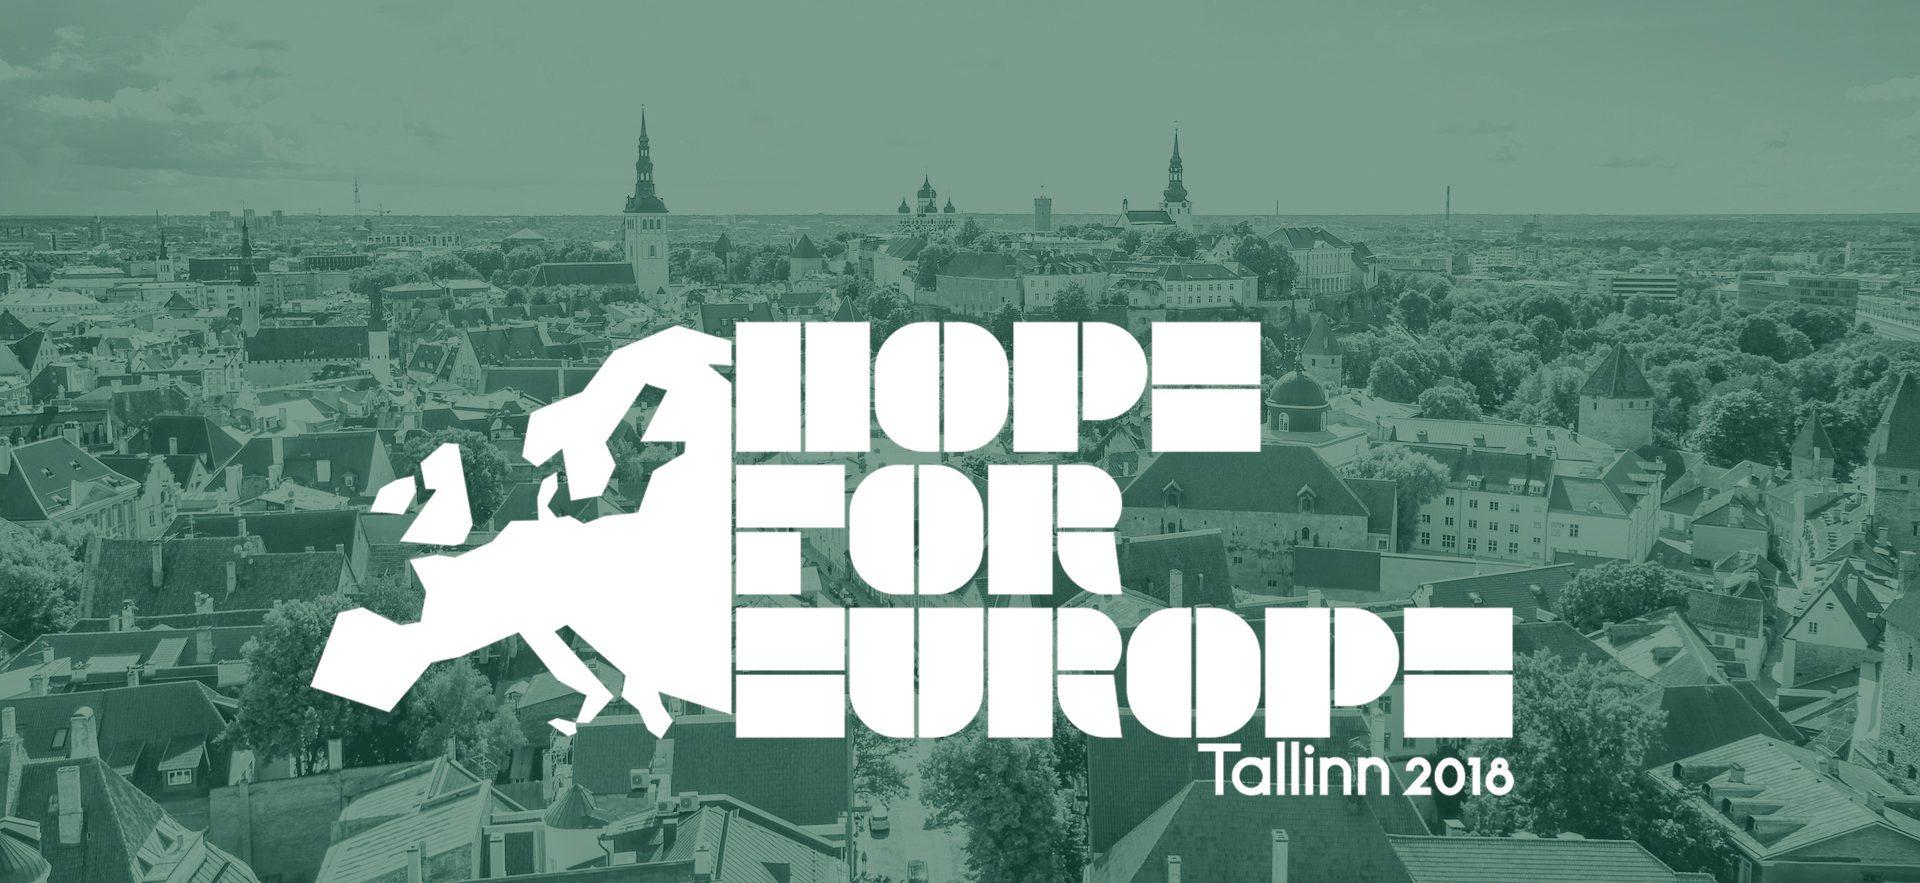 Update: Hope for Europe, Tallinn 2018